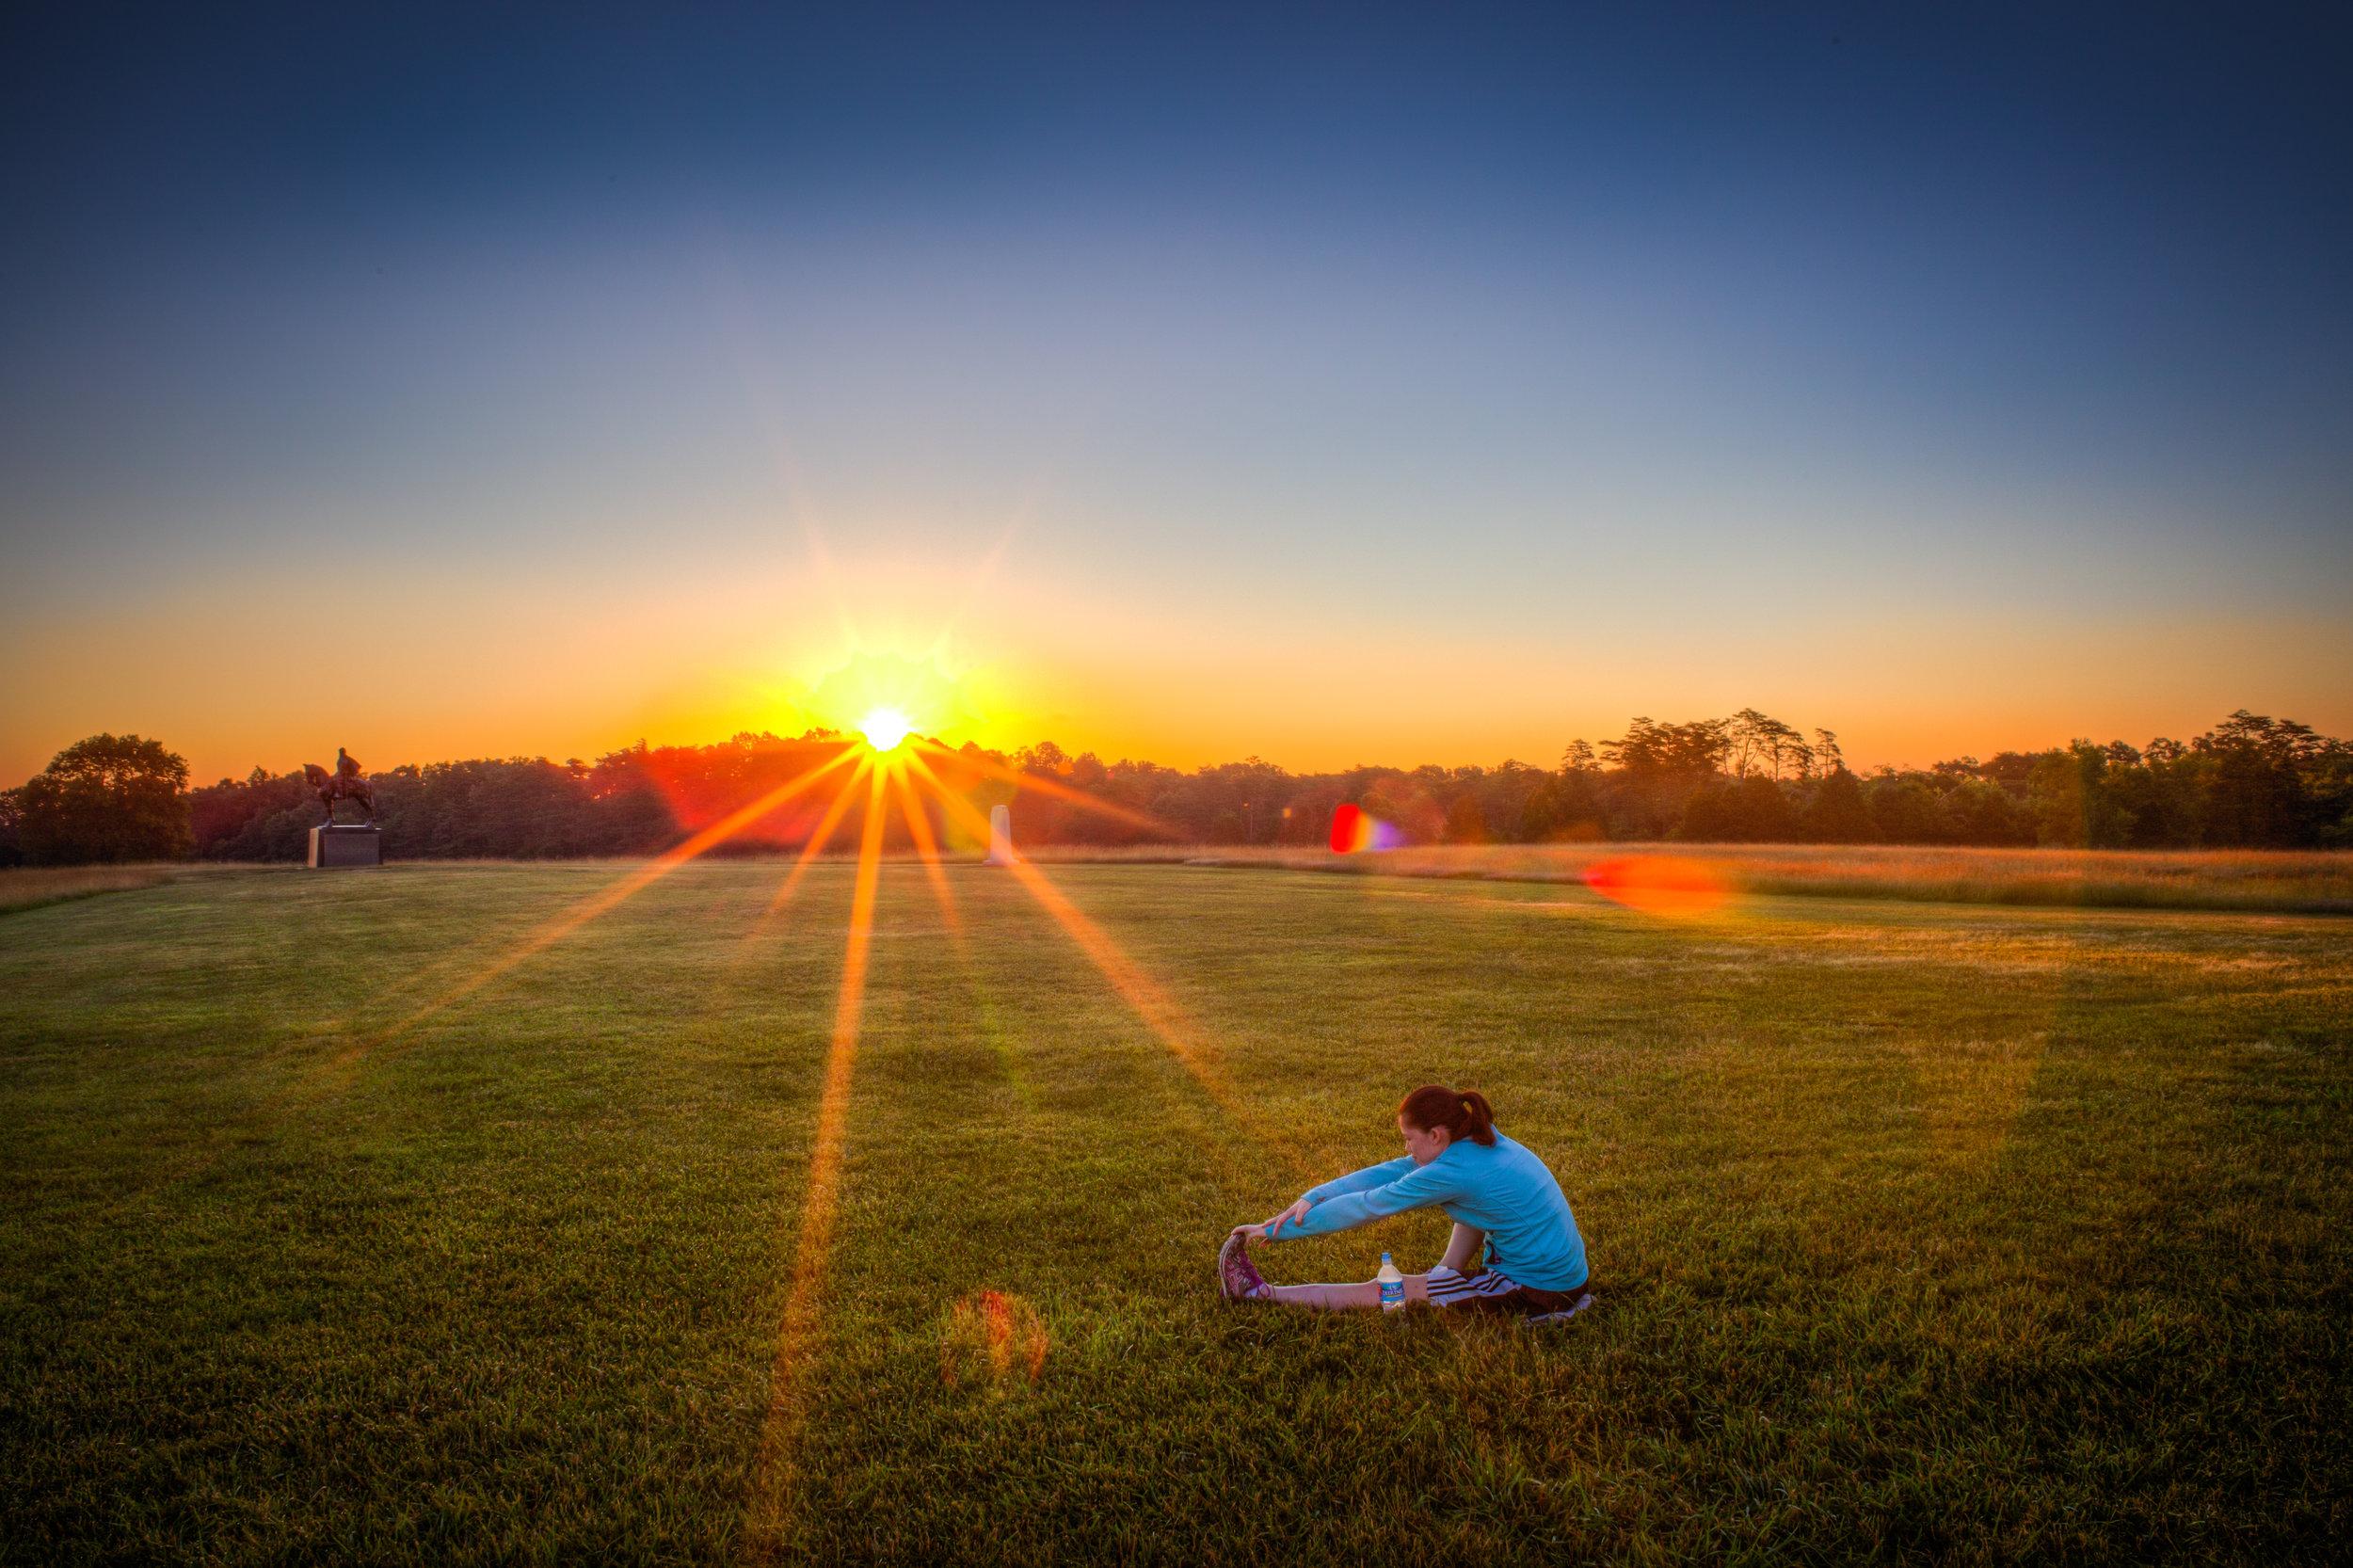 Sunrise at Manassas Battlefield Park | Manassas, Virginia | 2016 | Client: Deer Park Water | © Christy Hydeck